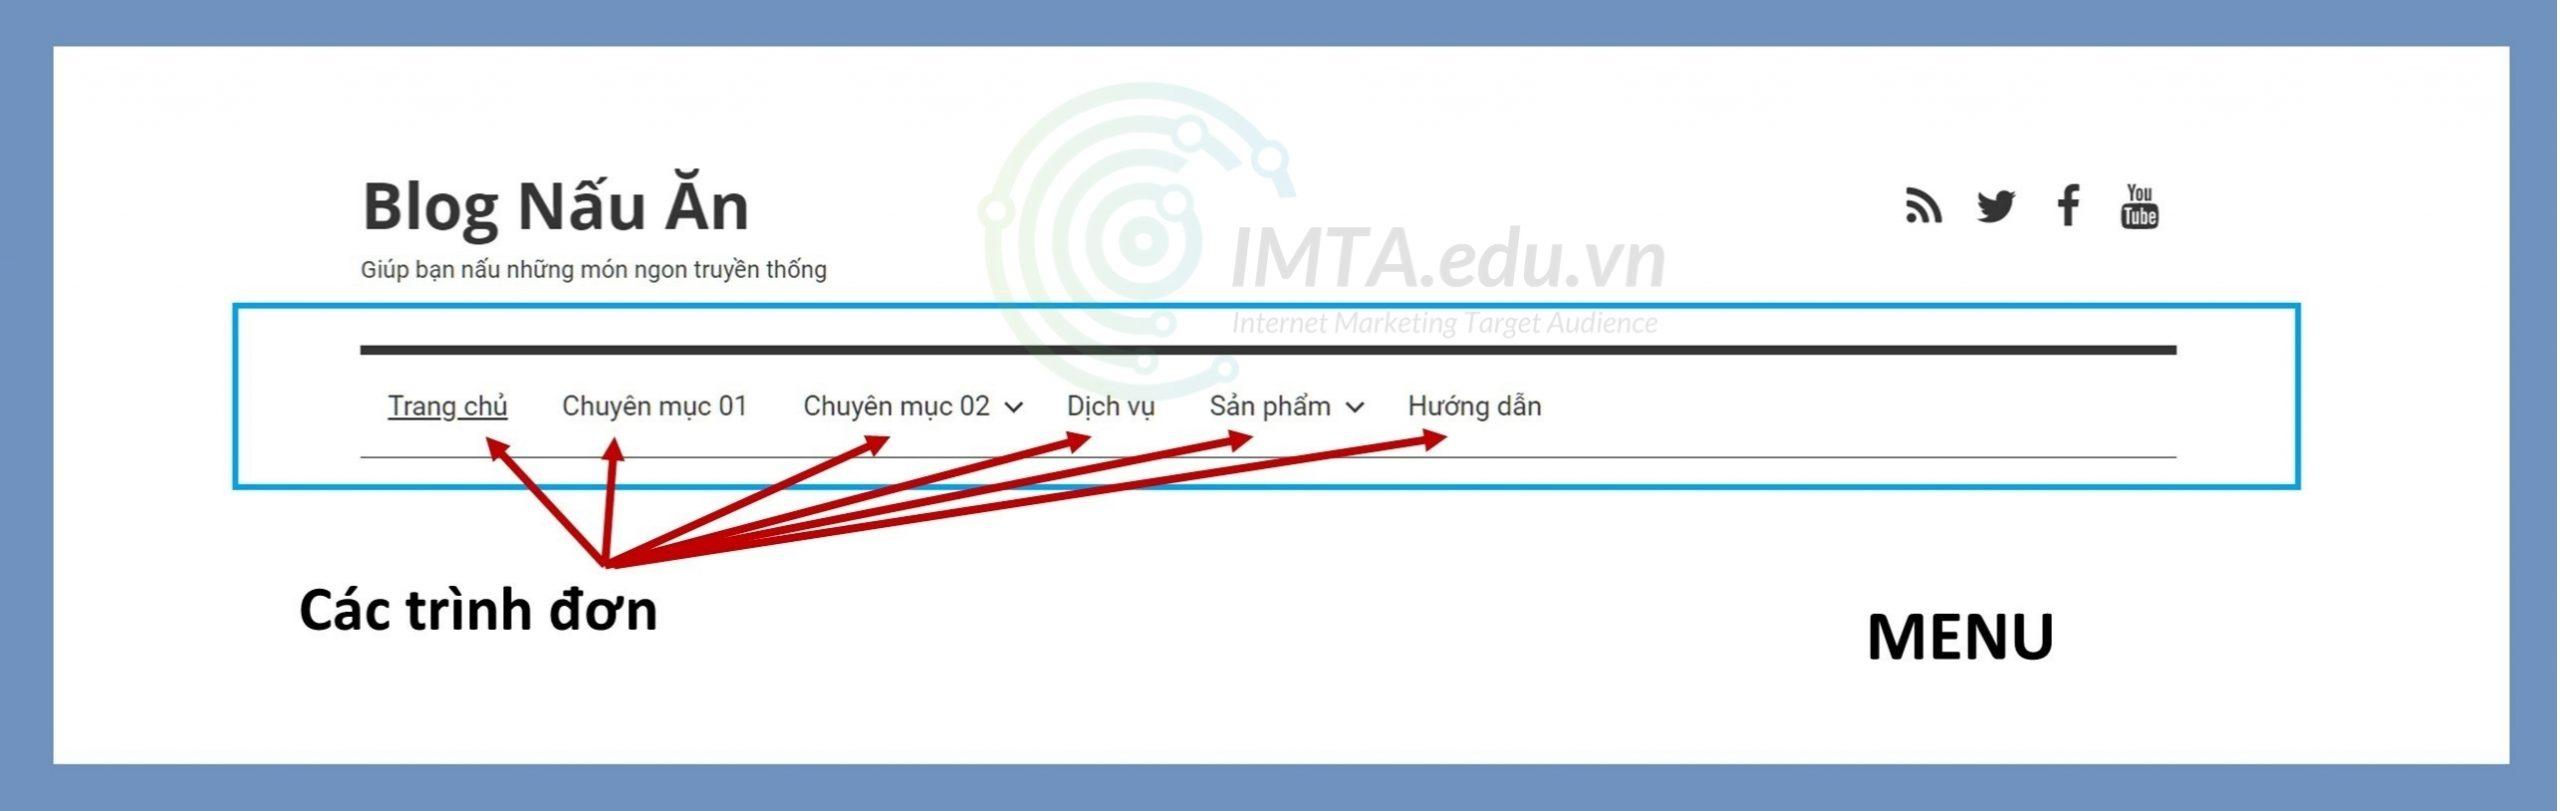 Ví dụ về các trình đơn trên thanh menu